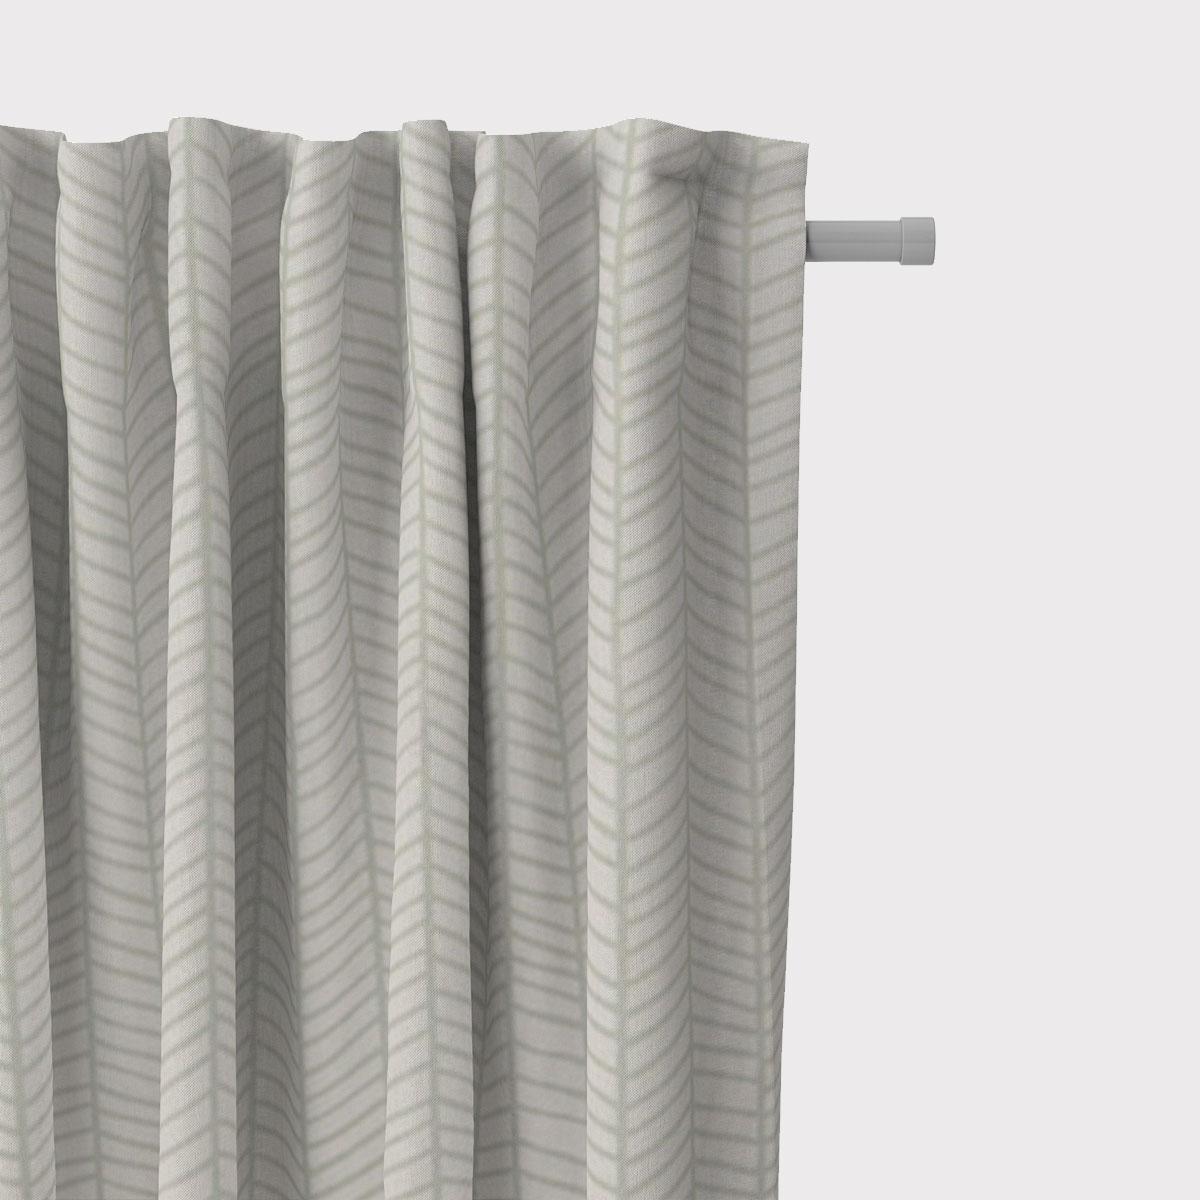 SCHÖNER LEBEN. Vorhang Fischgrätmuster abstrakt weiß mint 245cm oder Wunschlänge